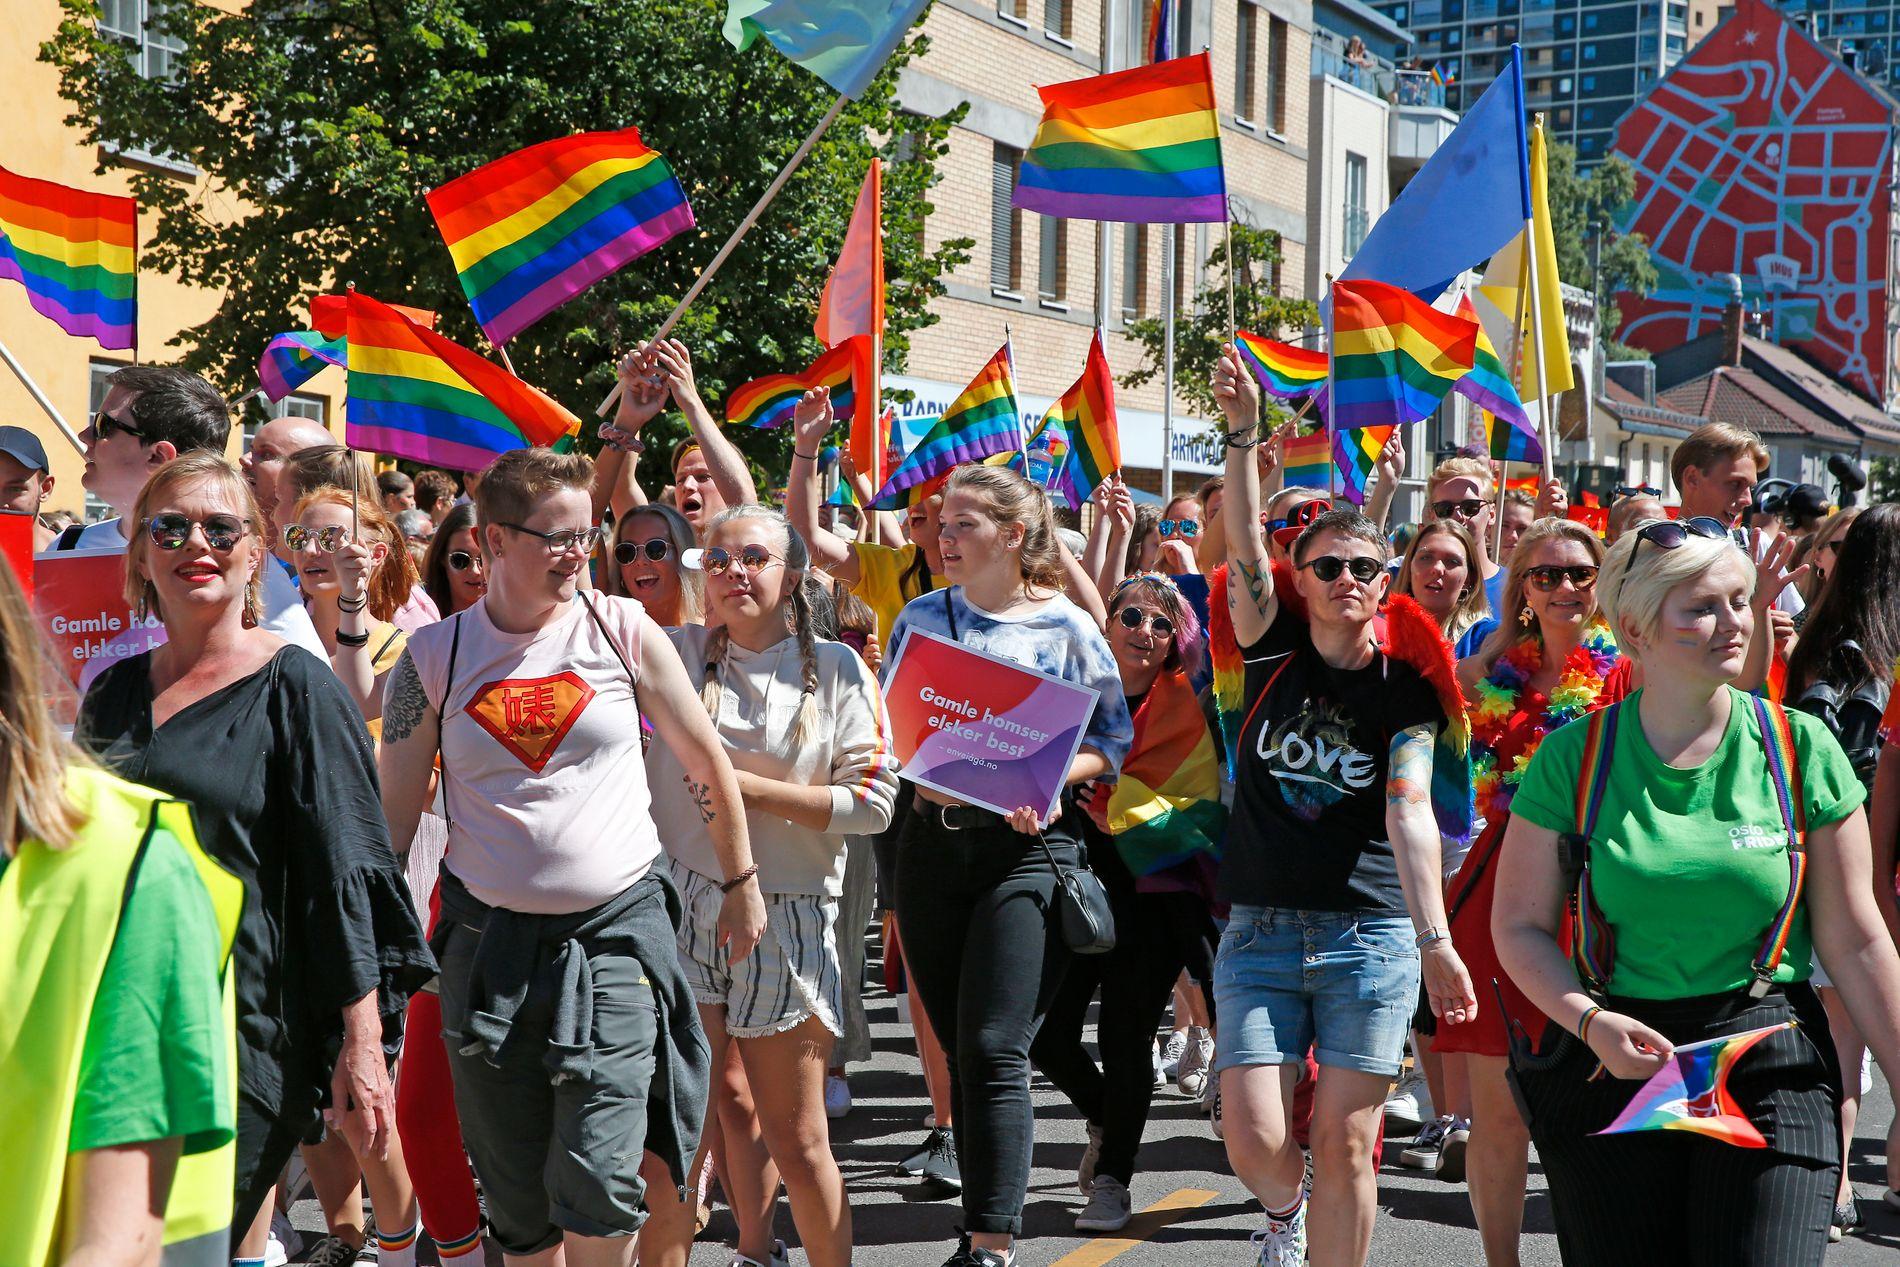 FOLKEFEST: 40.000 mennesker gikk i Pride-paraden i Oslo i 2018. I tillegg hadde de 200.000 tilskuere.